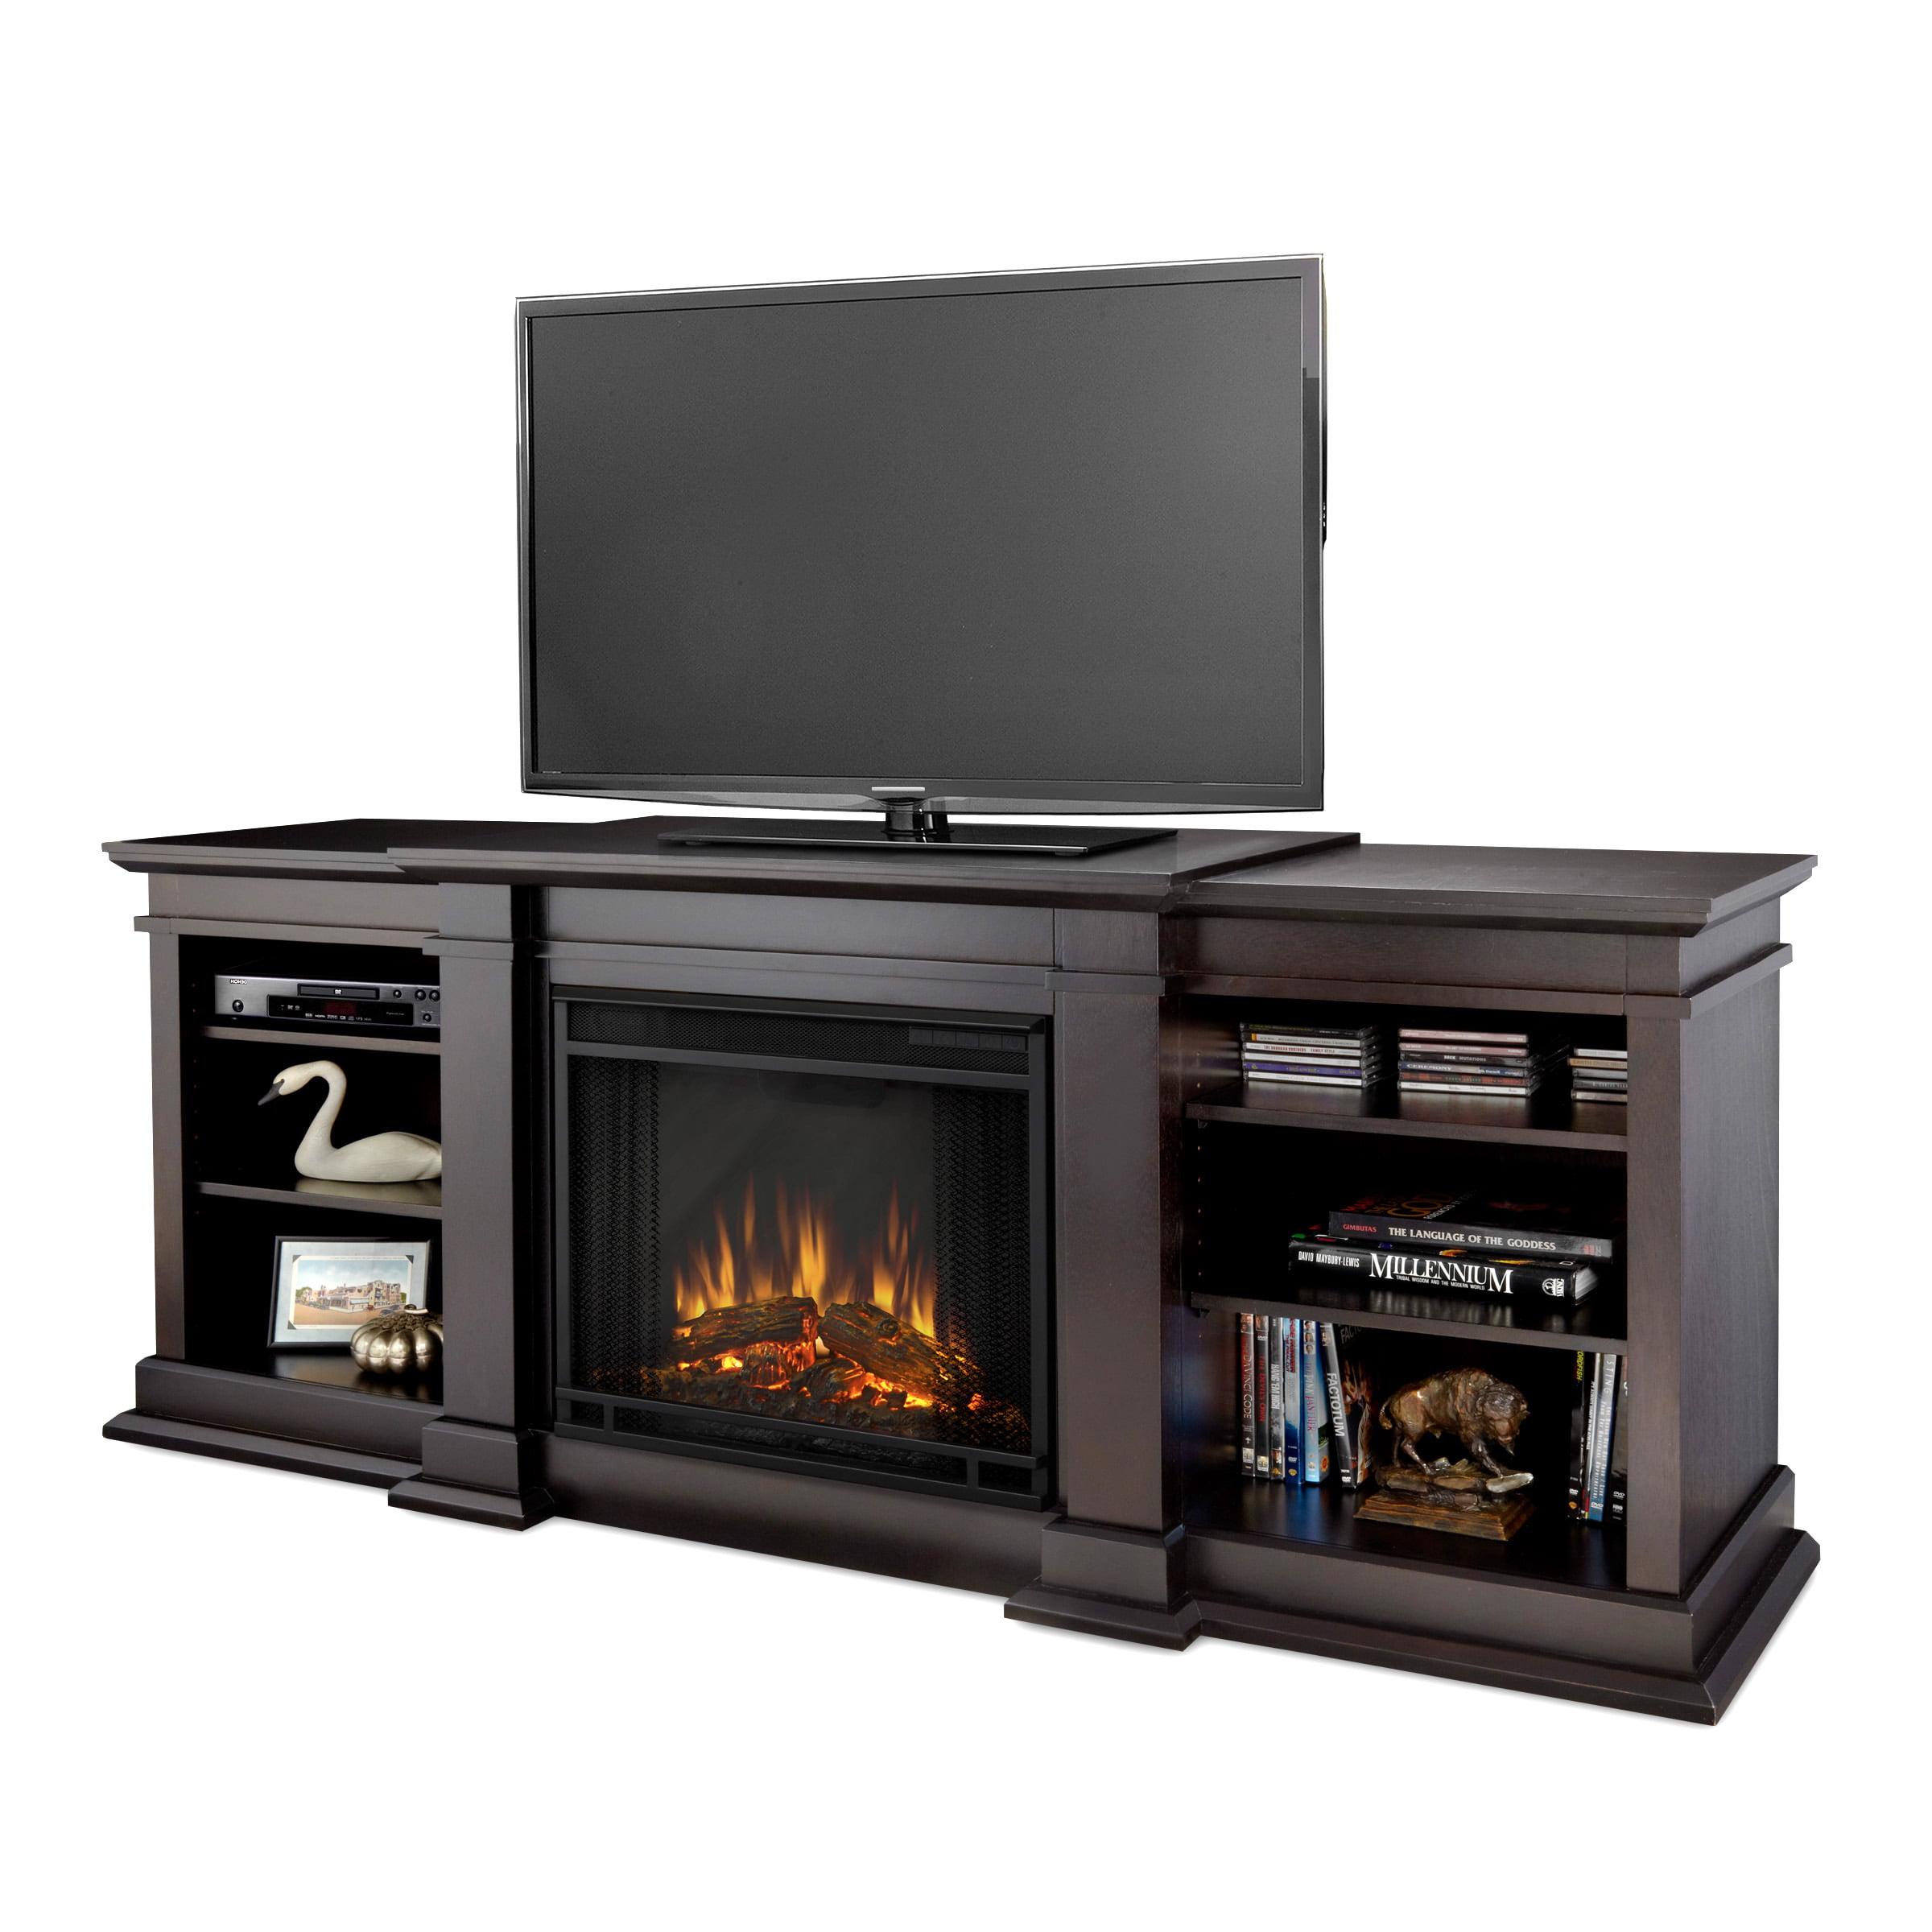 fresno electric fireplace in dark walnut by real flame walmart com rh walmart com